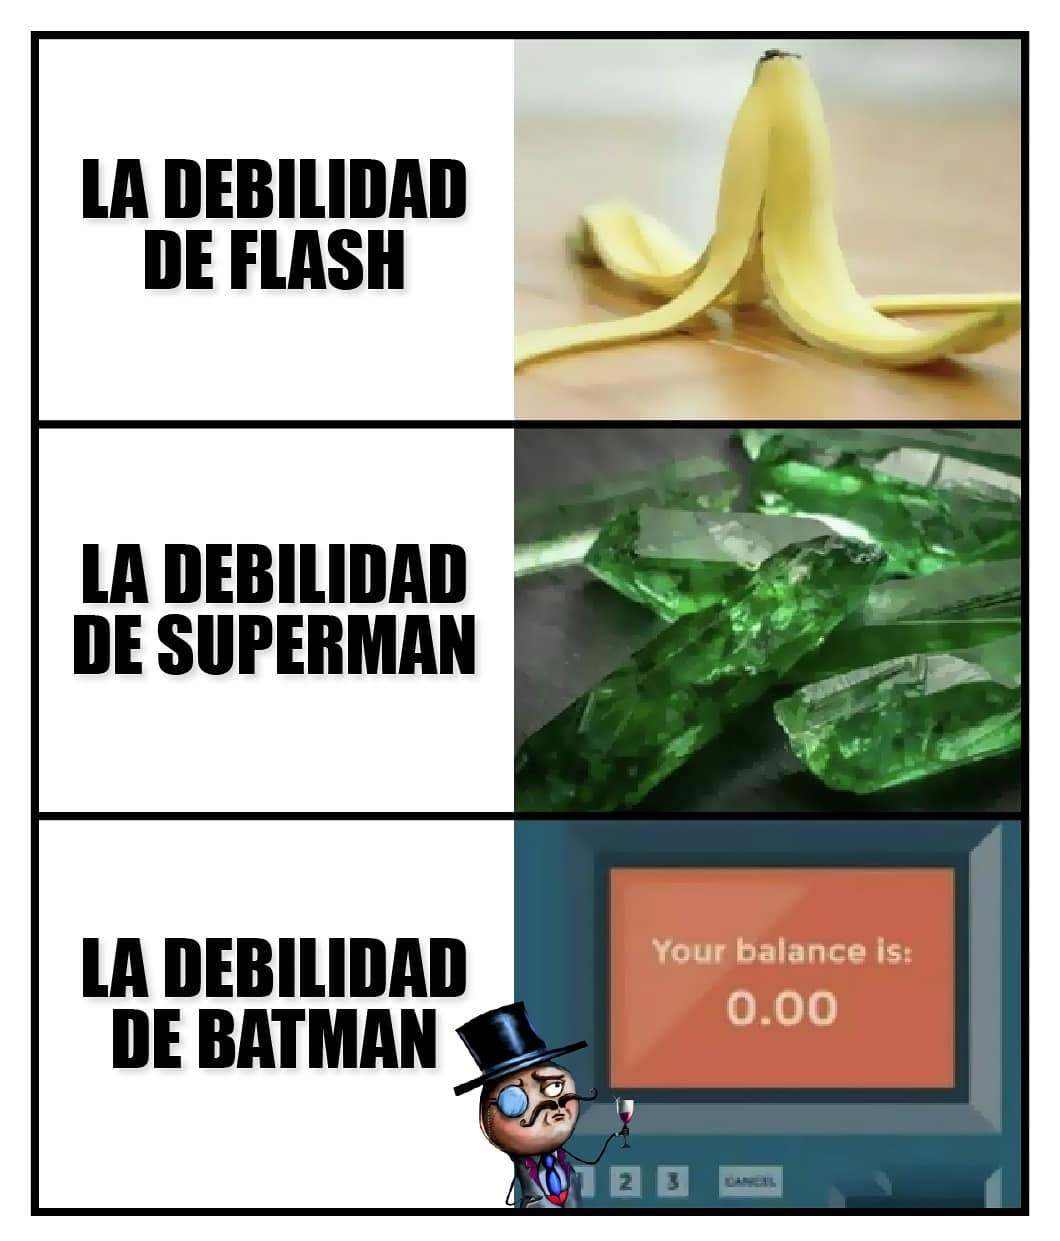 La debilidad de flash. La debilidad de superman. La debilidad de Batman.